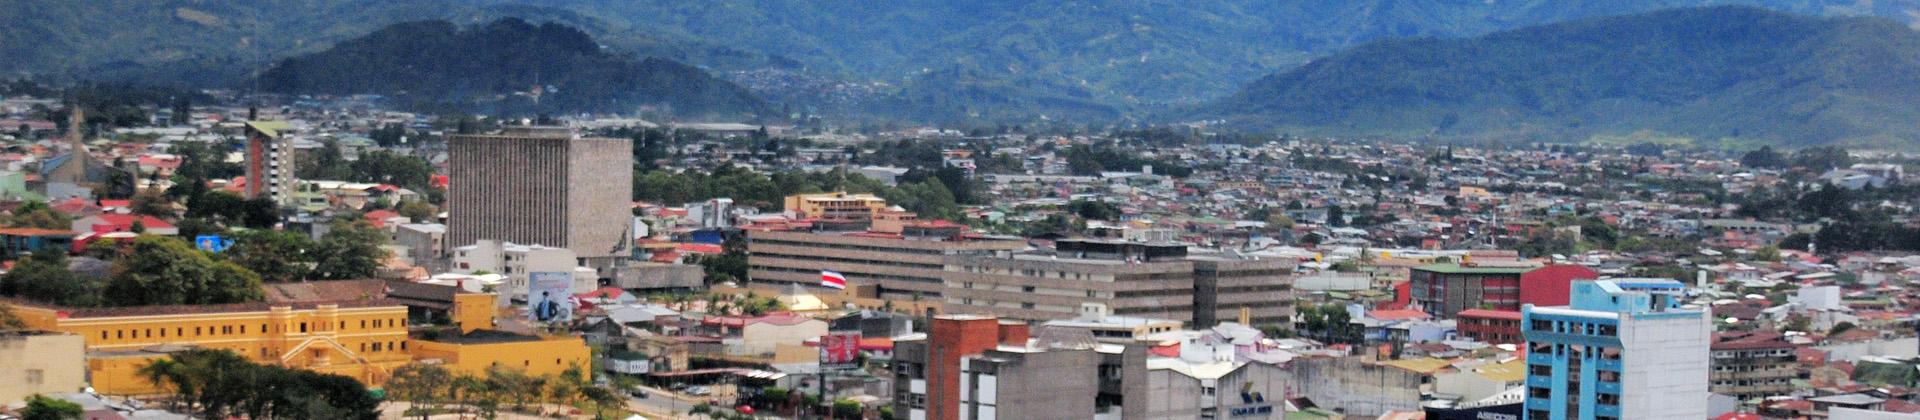 Uitzicht over San José